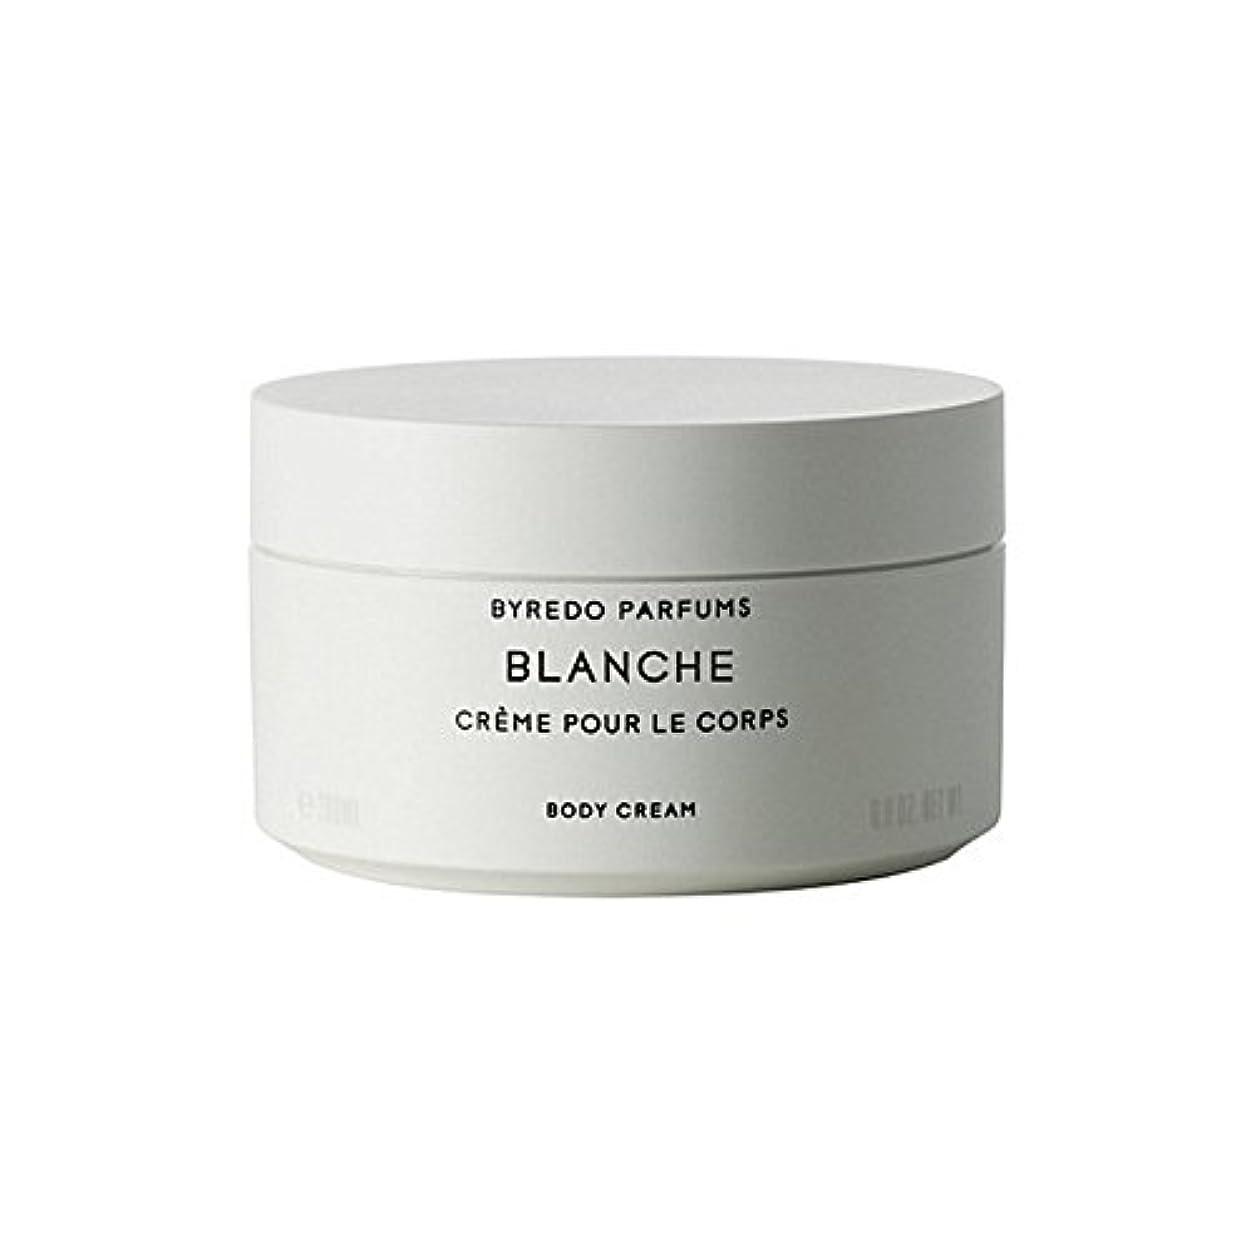 関係一元化する思い出すByredo Blanche Body Cream 200ml (Pack of 6) - ブランシュボディクリーム200ミリリットル x6 [並行輸入品]